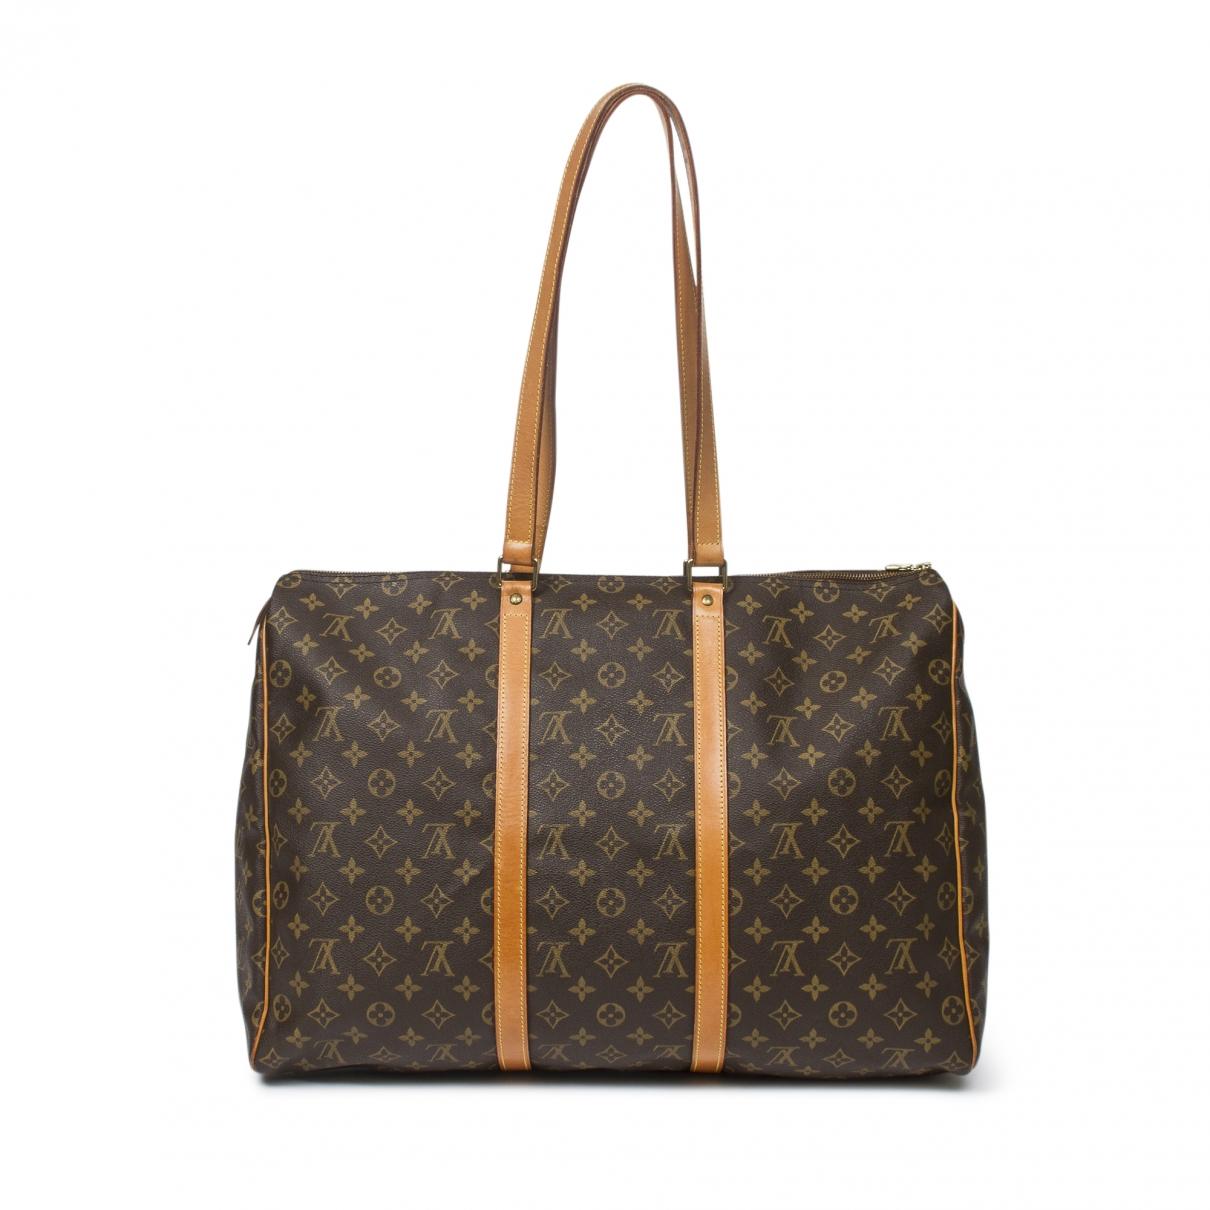 Louis Vuitton - Sac a main Flanerie pour femme en toile - marron